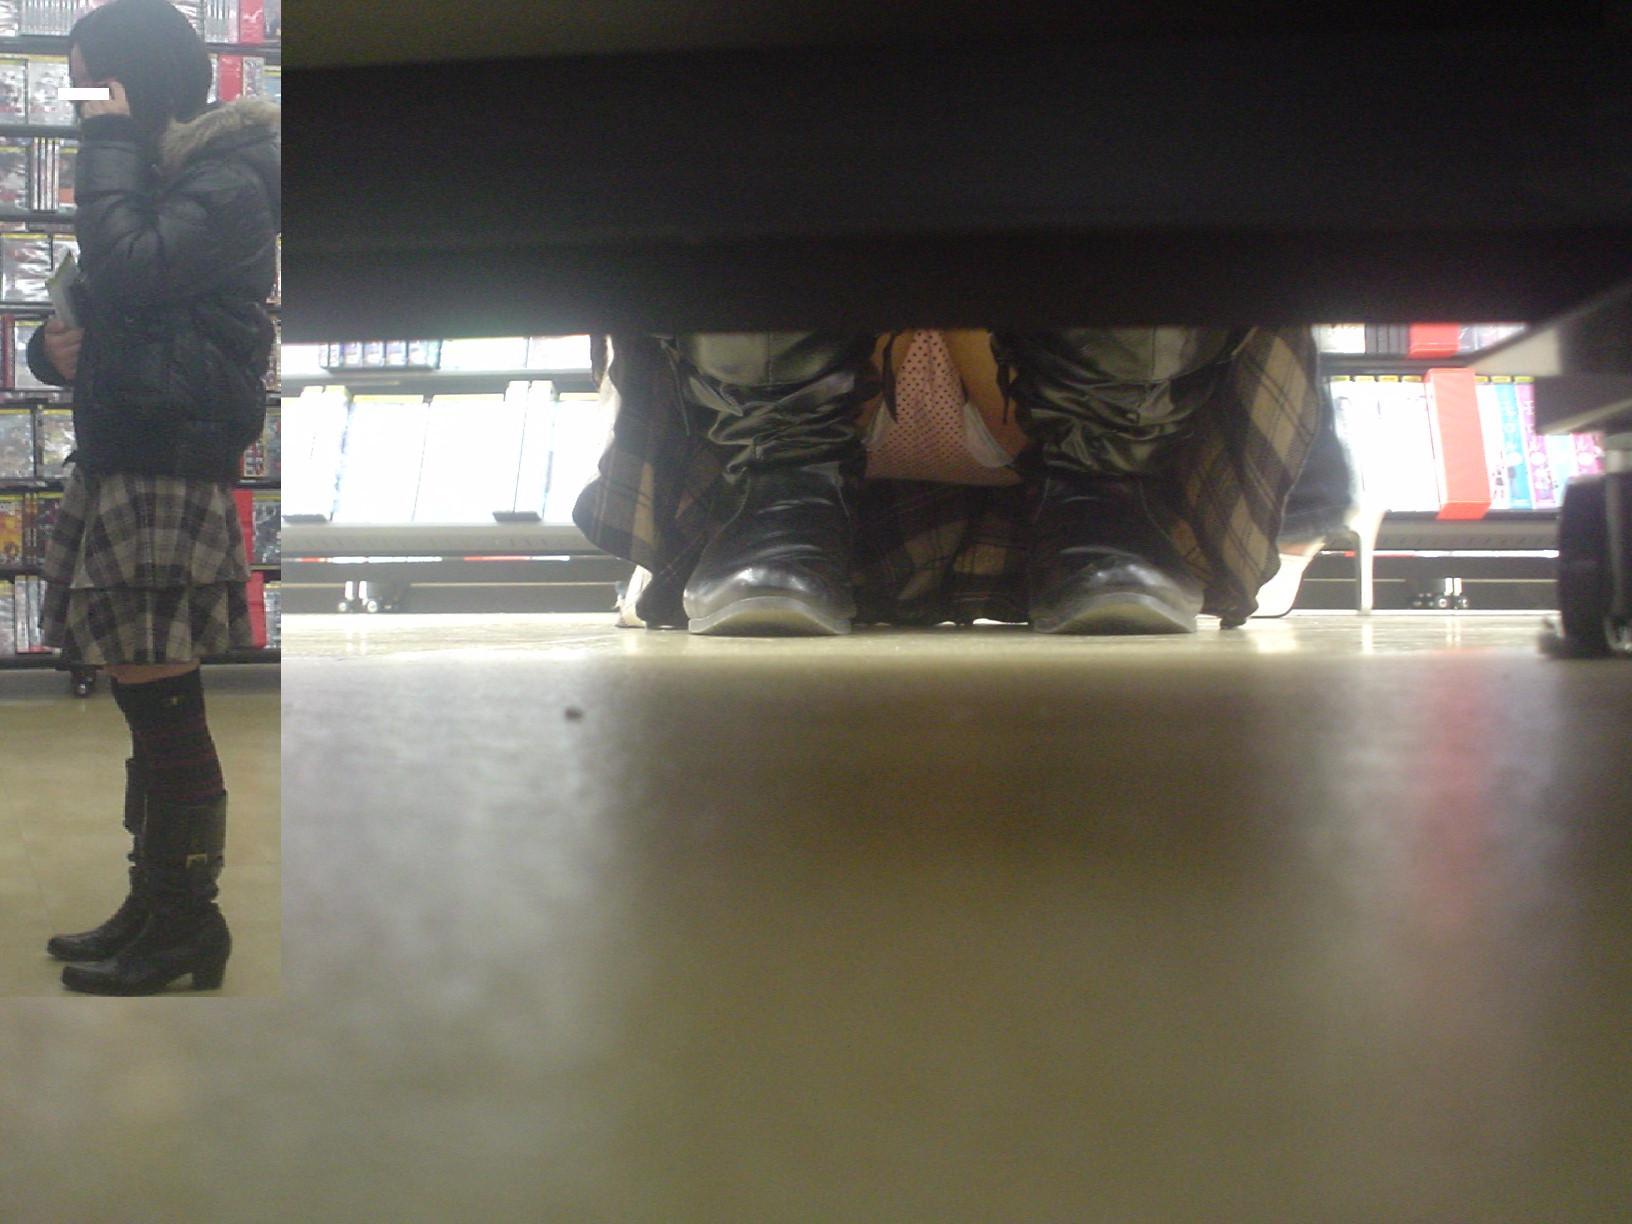 【パンチラエロ画像】向こう側が見えるなら…店内でもチャンスアリな棚下パンチラwww 04